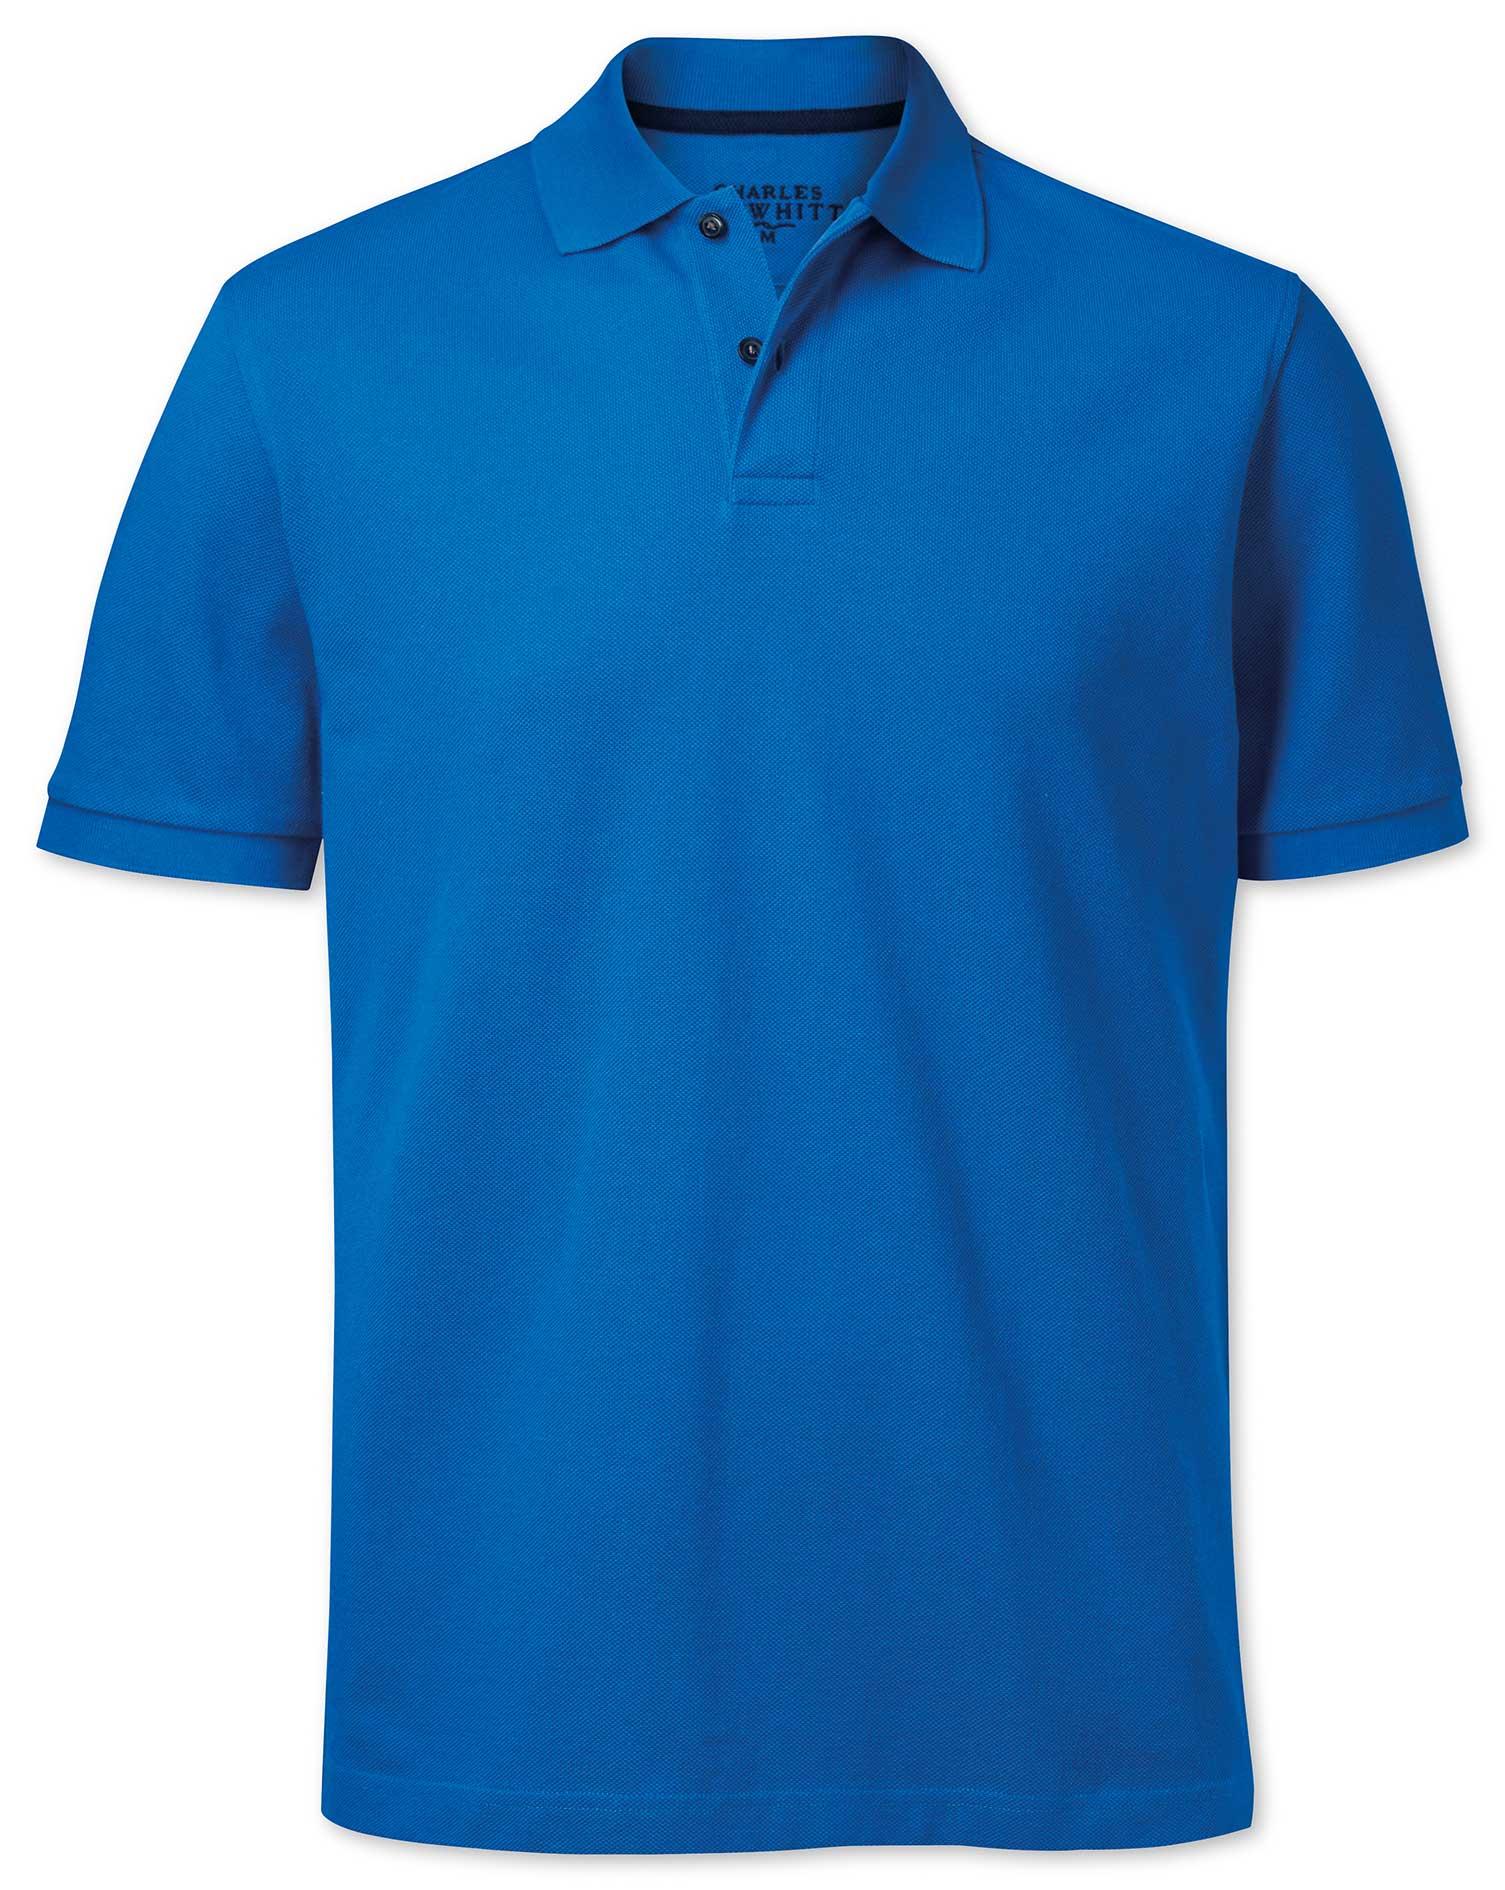 Cotton Bright Blue Pique Polo